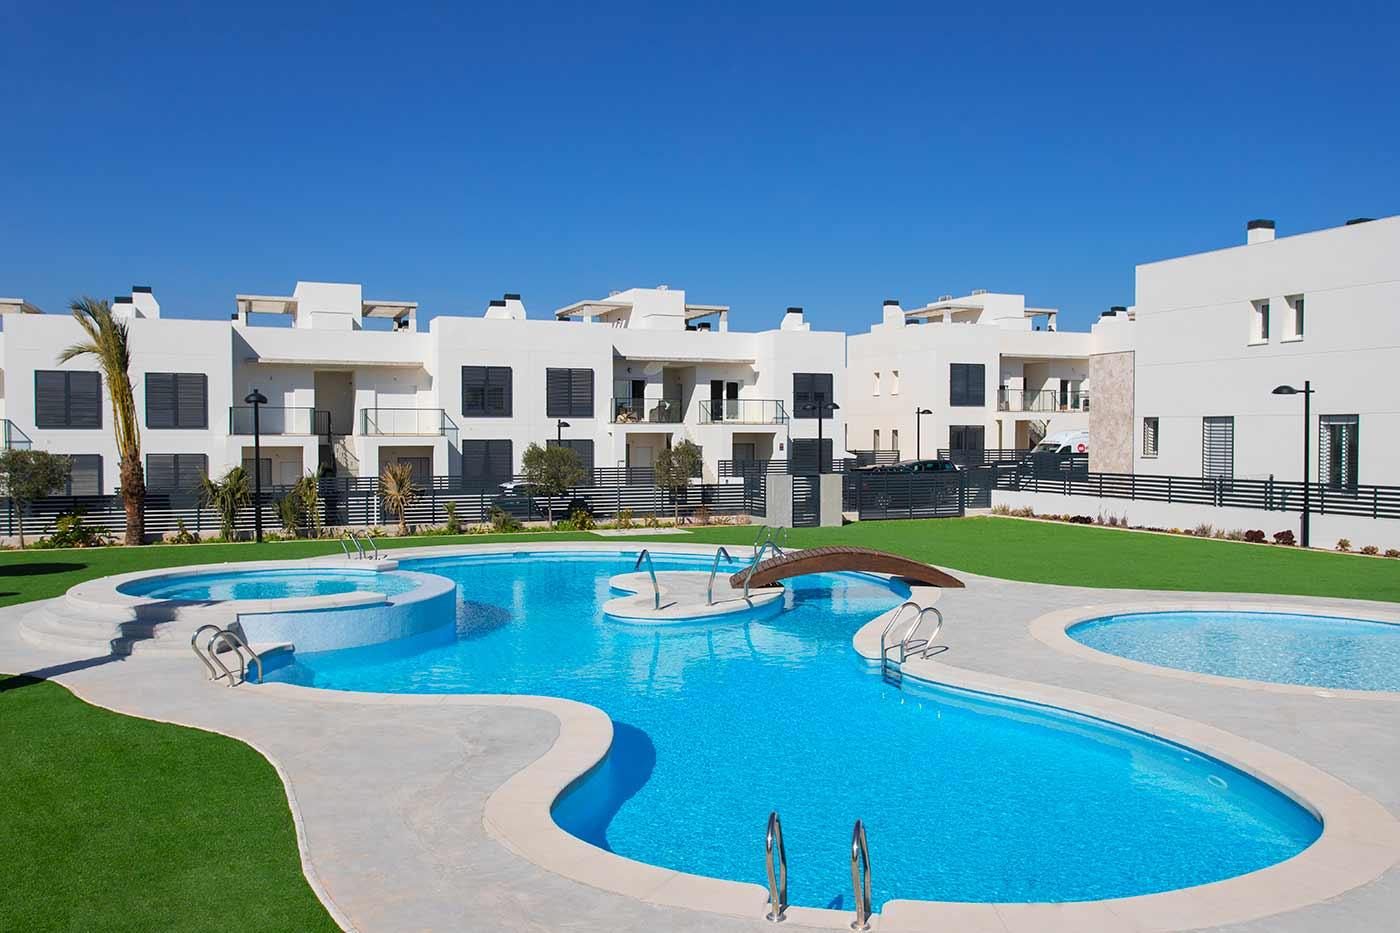 Breezes – Bungalow en Torrevieja de obra nueva con piscina y garaje